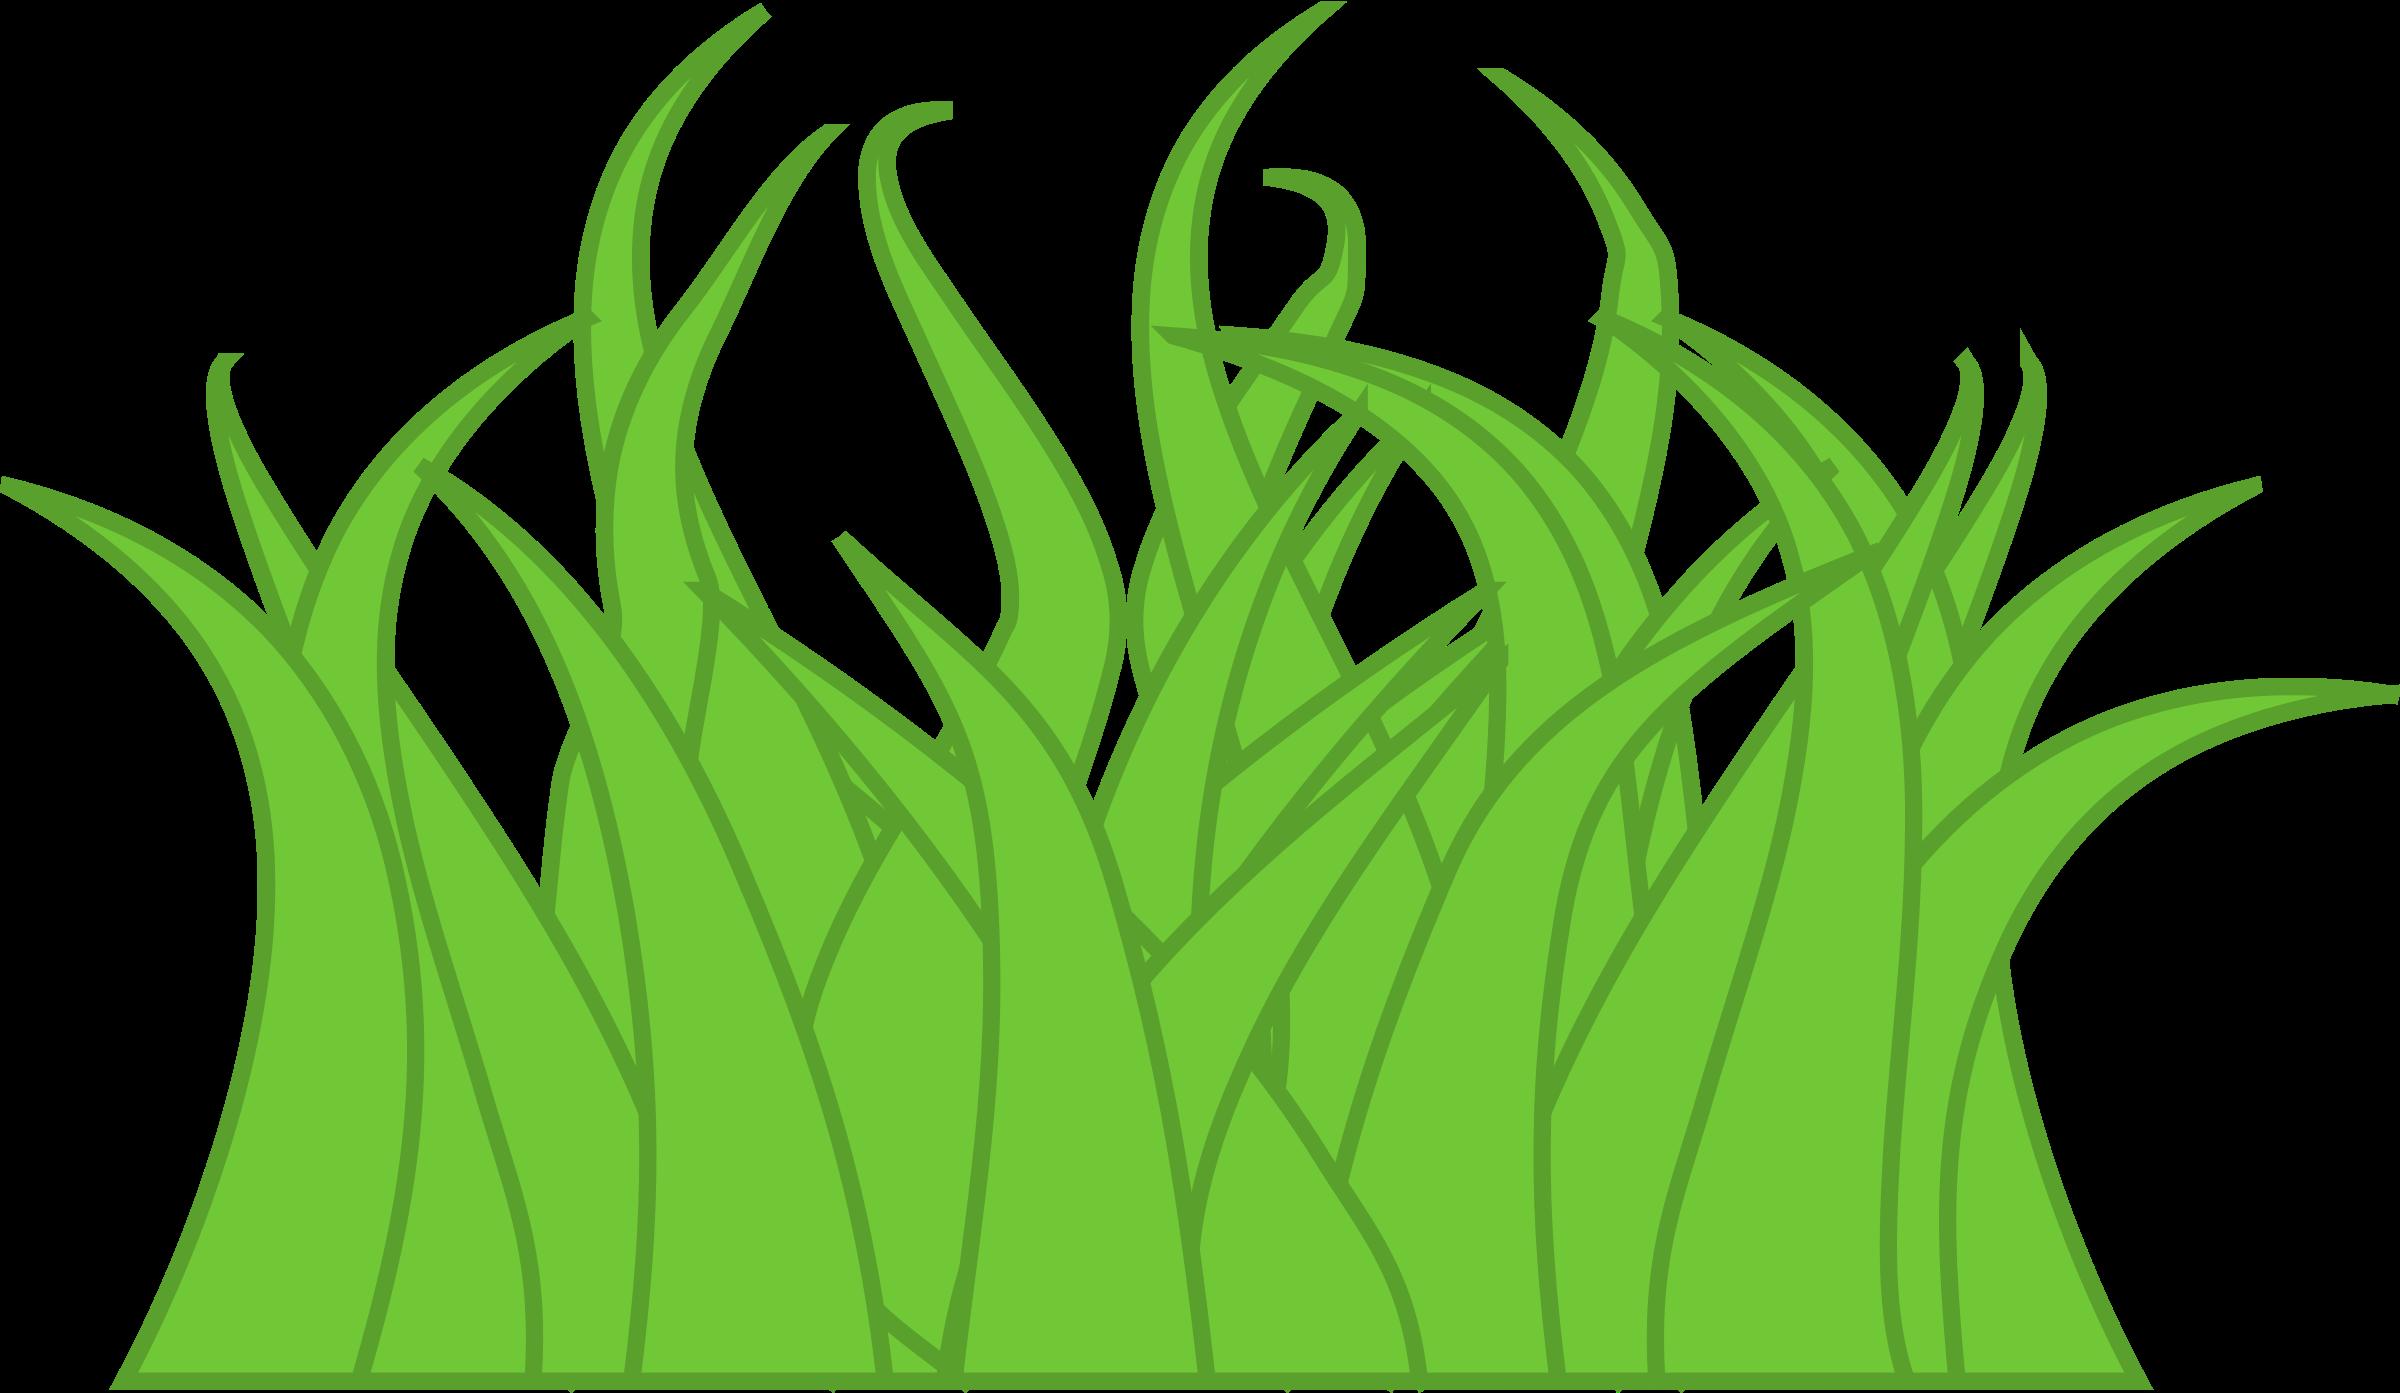 clipart grass rh openclipart org clip art grasshopper clip art grasshopper